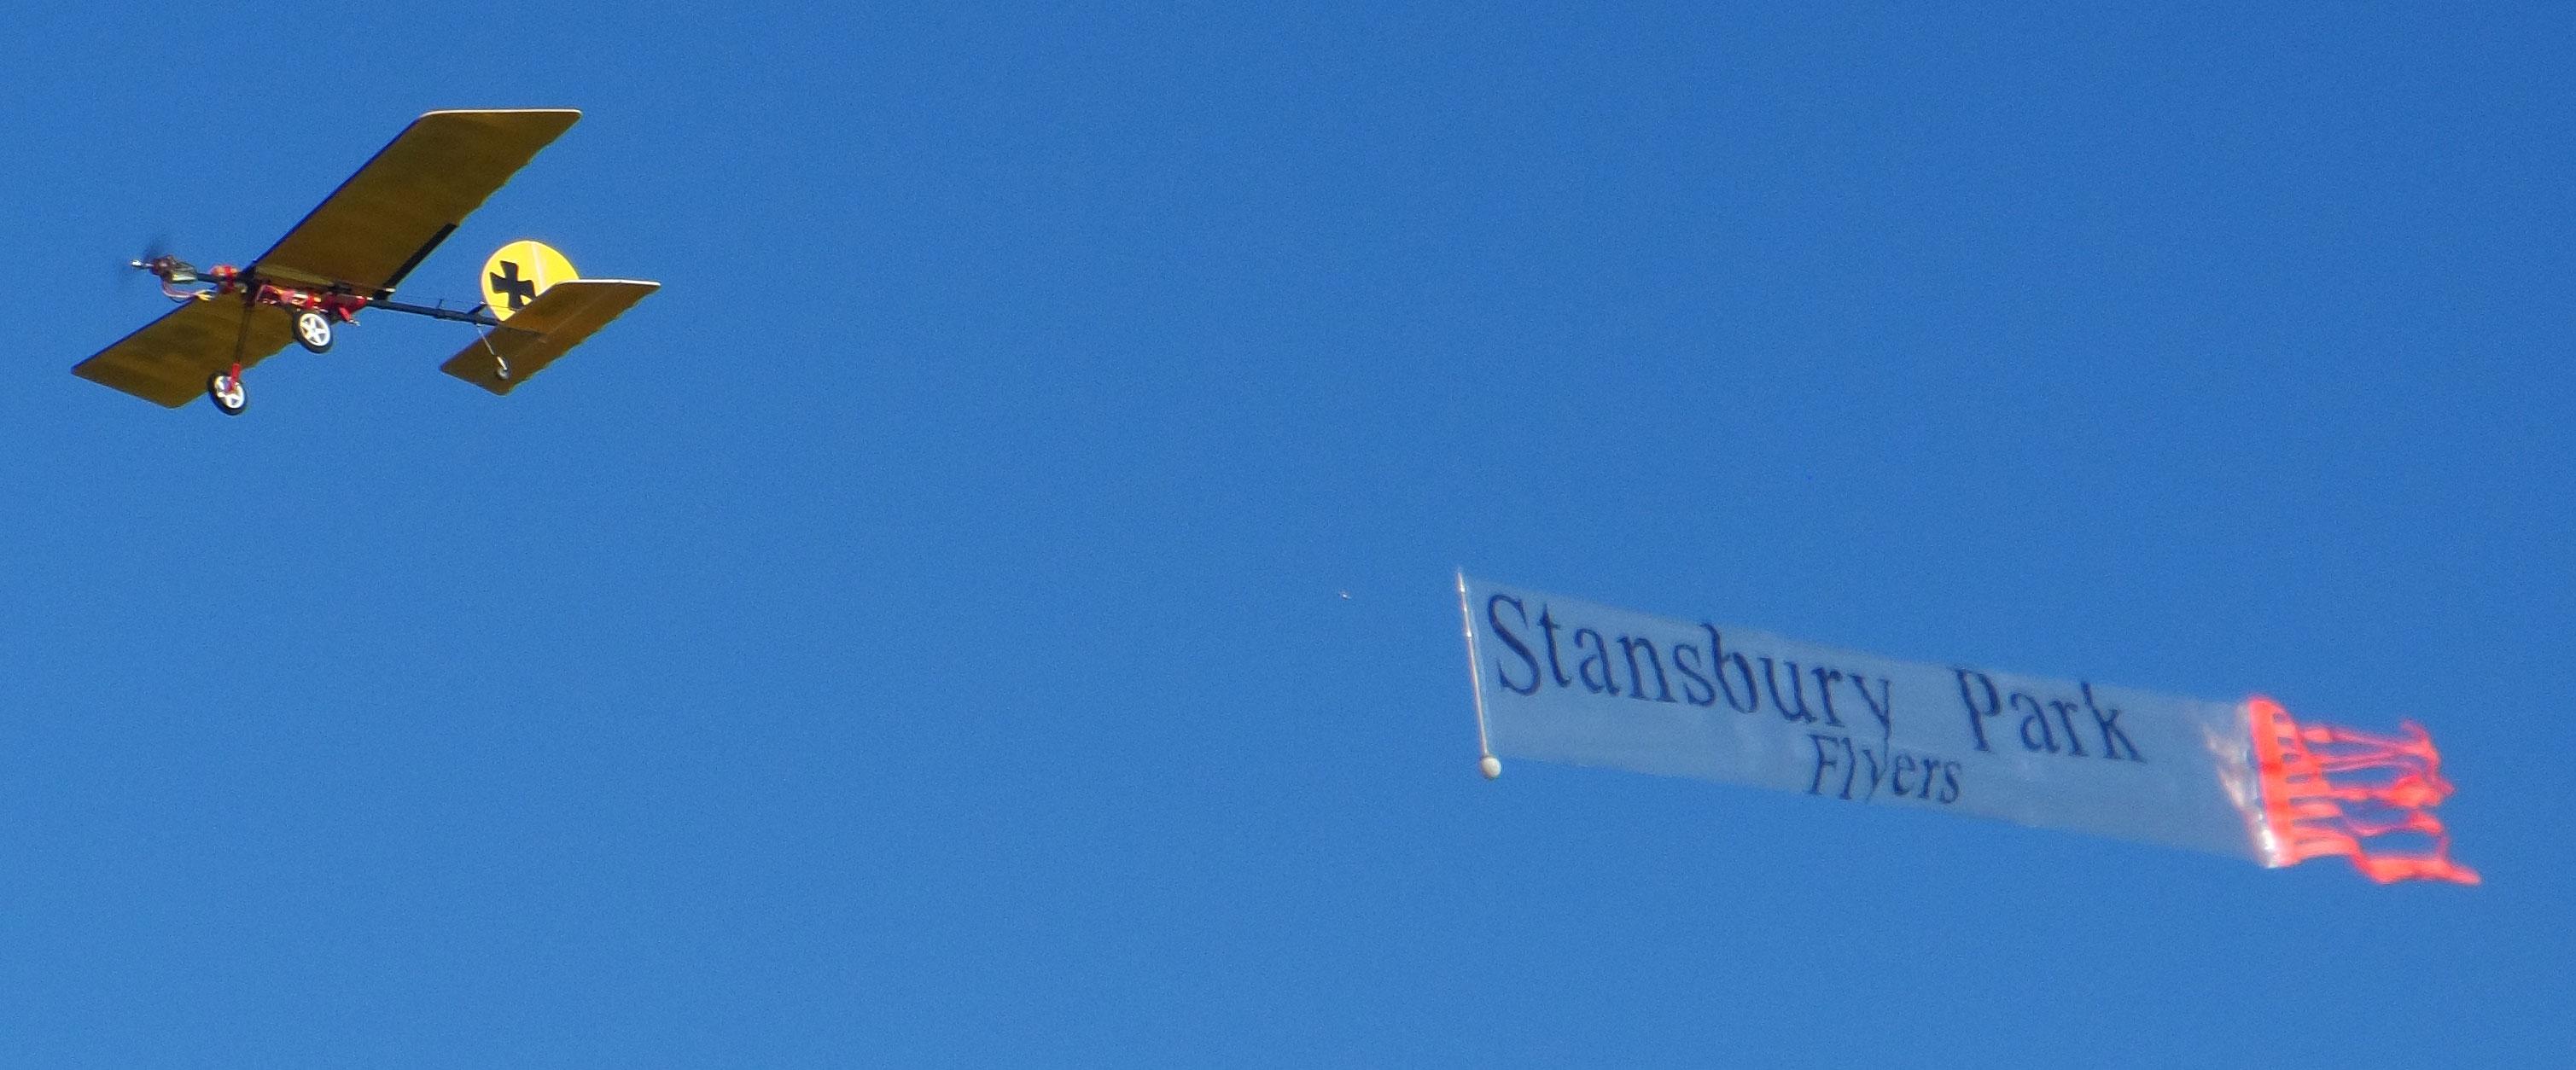 Bannere de avion